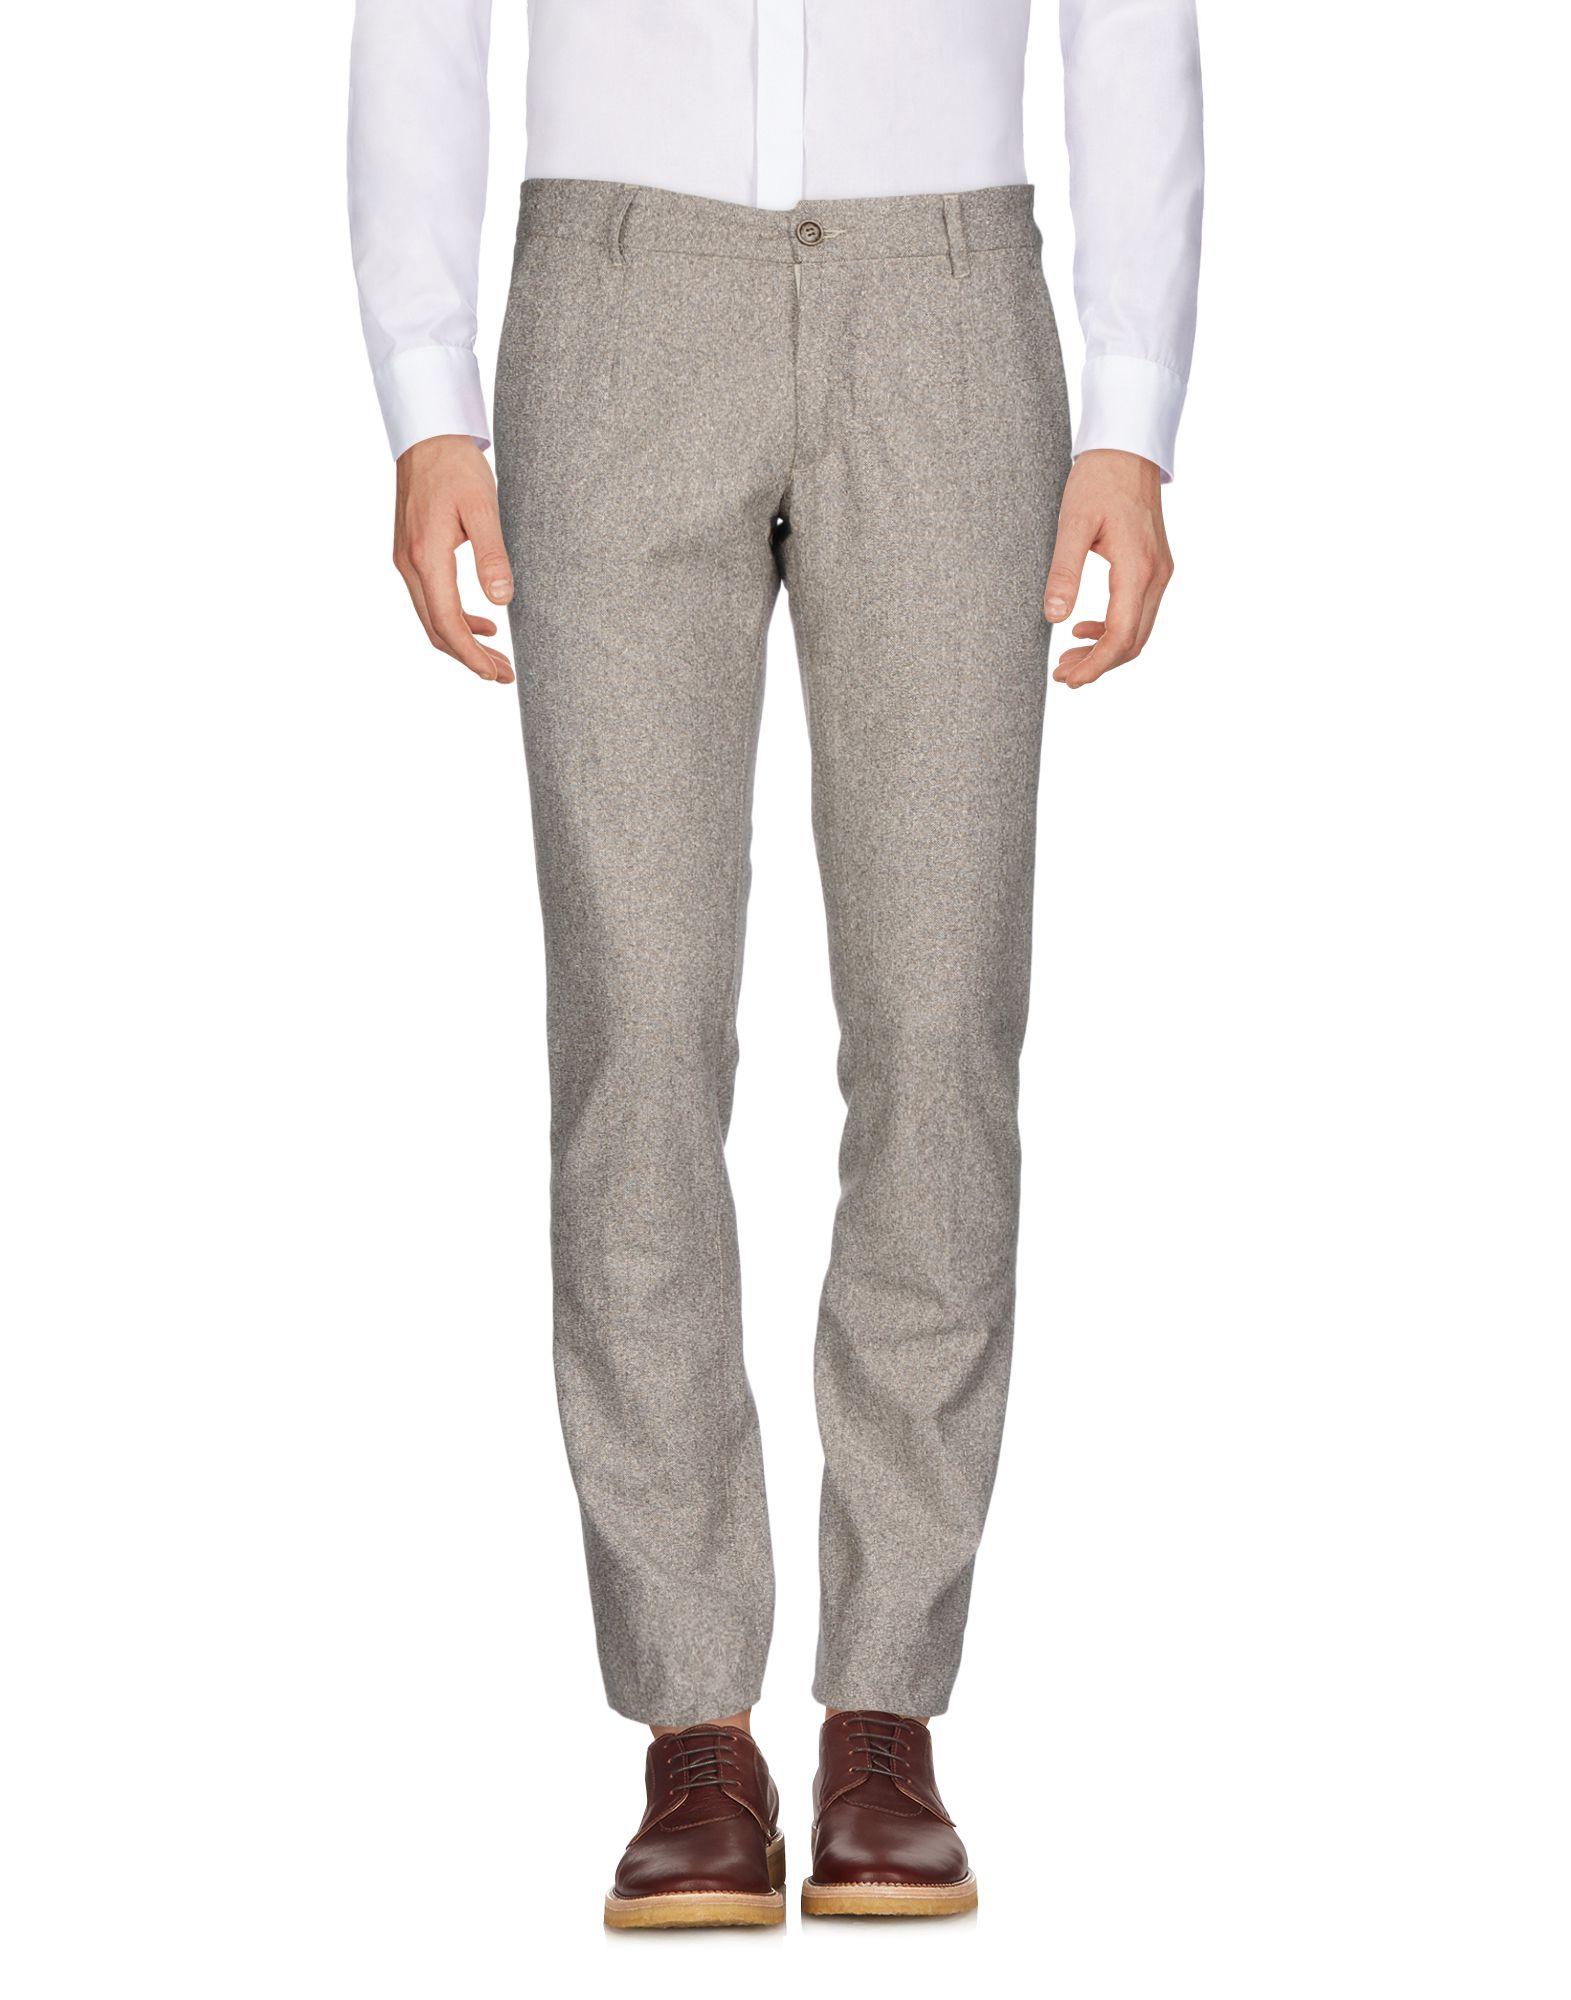 Pantalone Wool Uomo 172 Uomo Wool - 13171166ER c65641